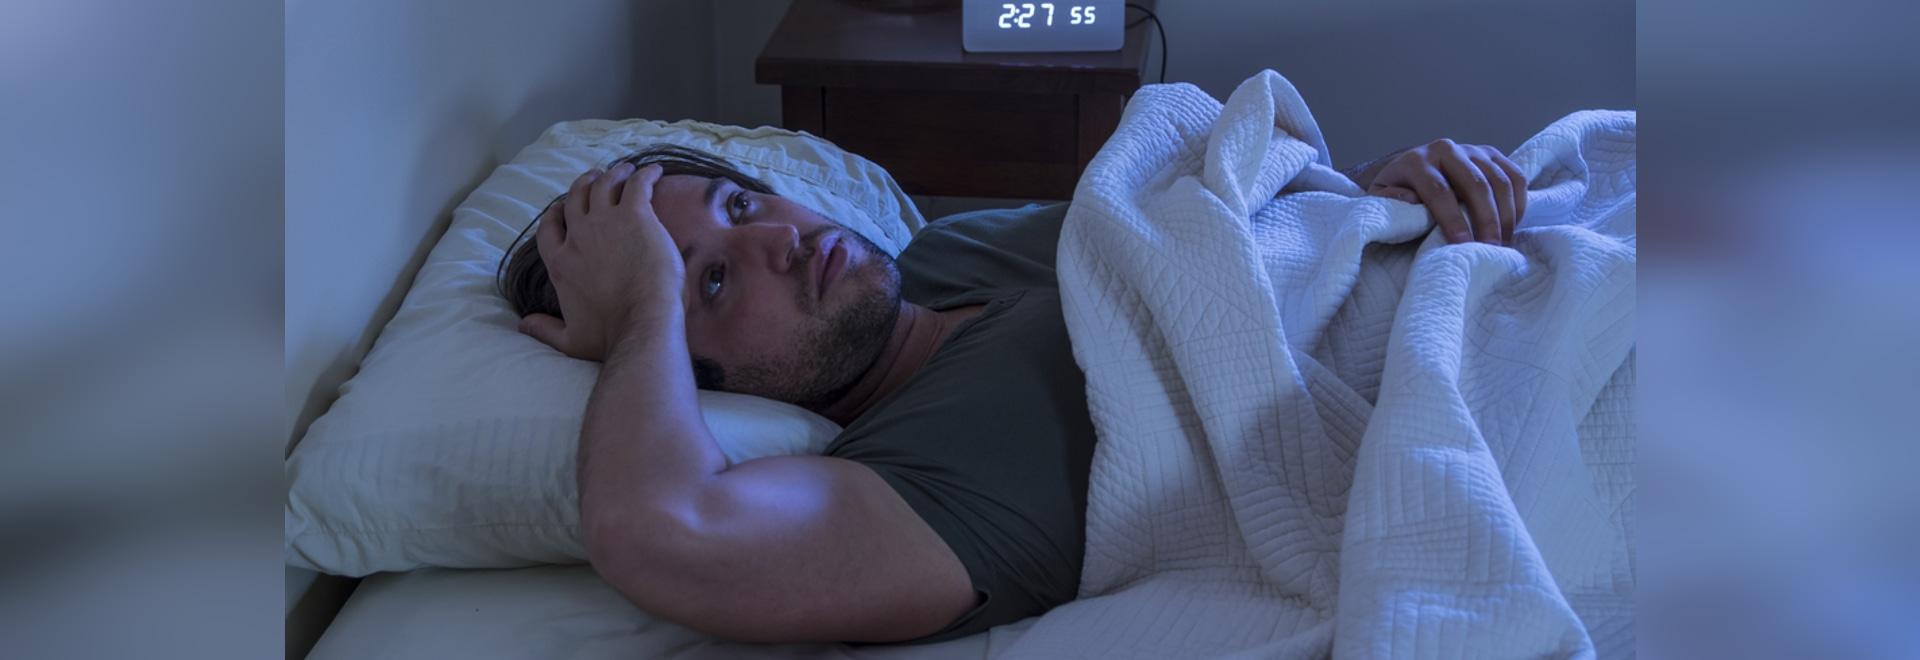 Il sonno meno di 6 ore può aumentare il rischio di CVD